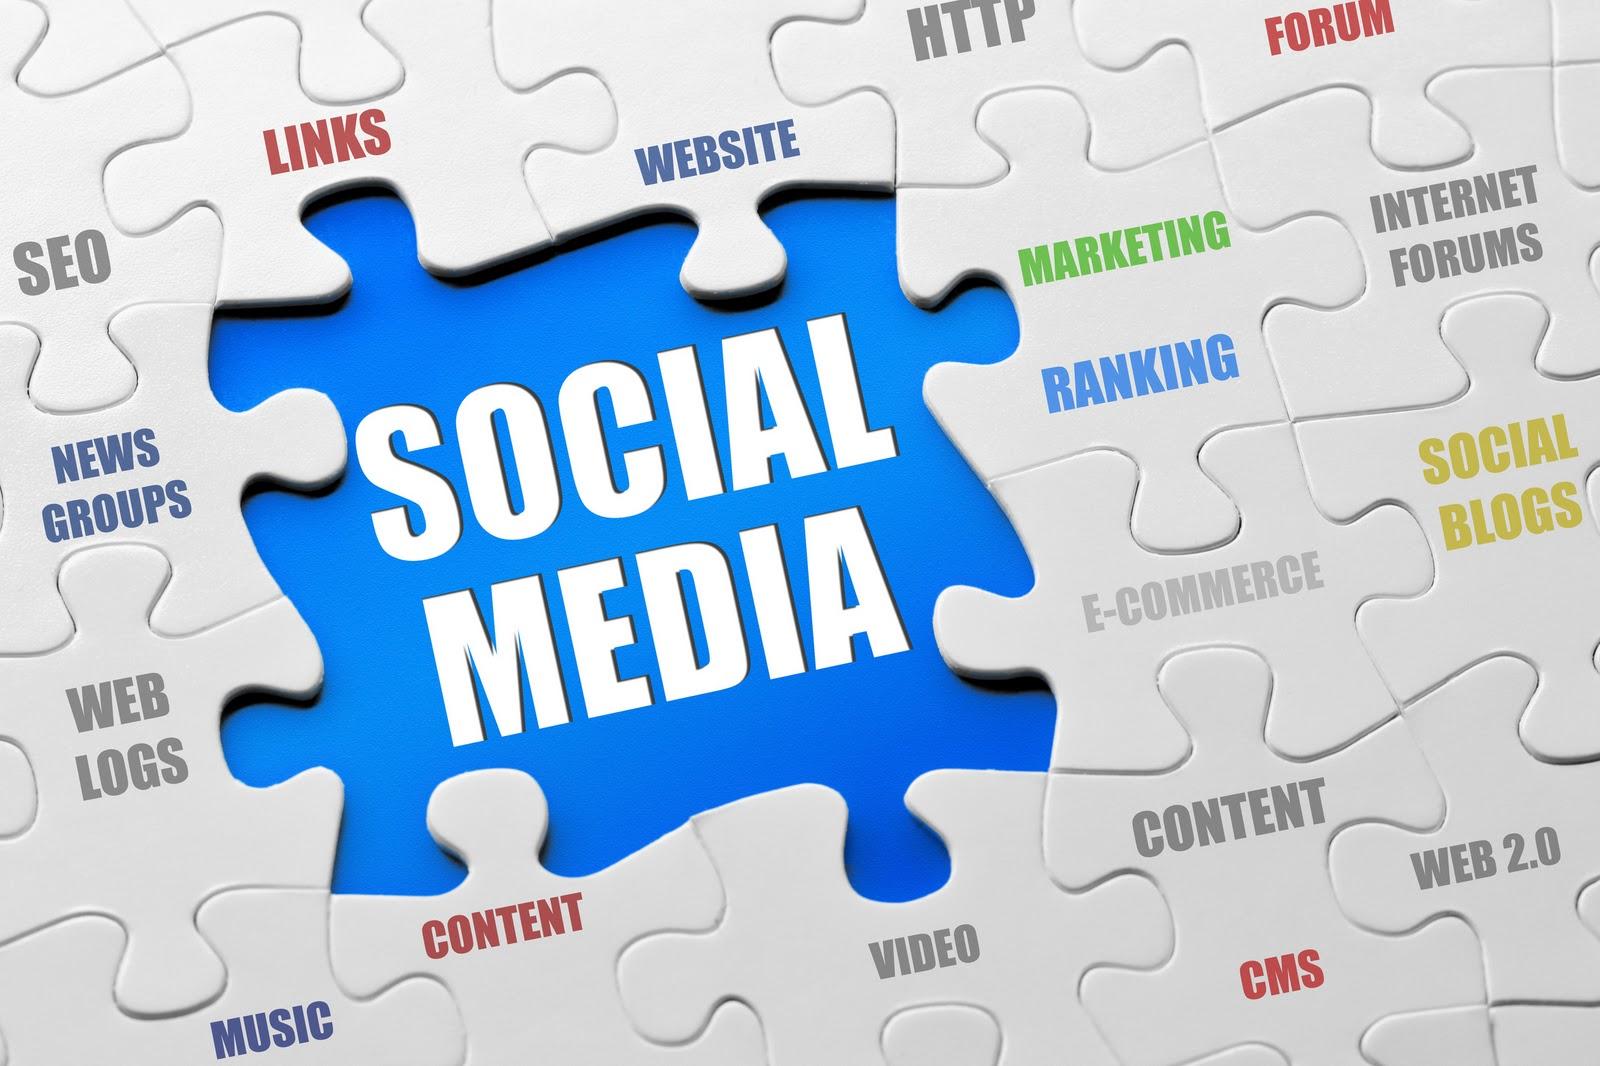 Social+media+2.jpg